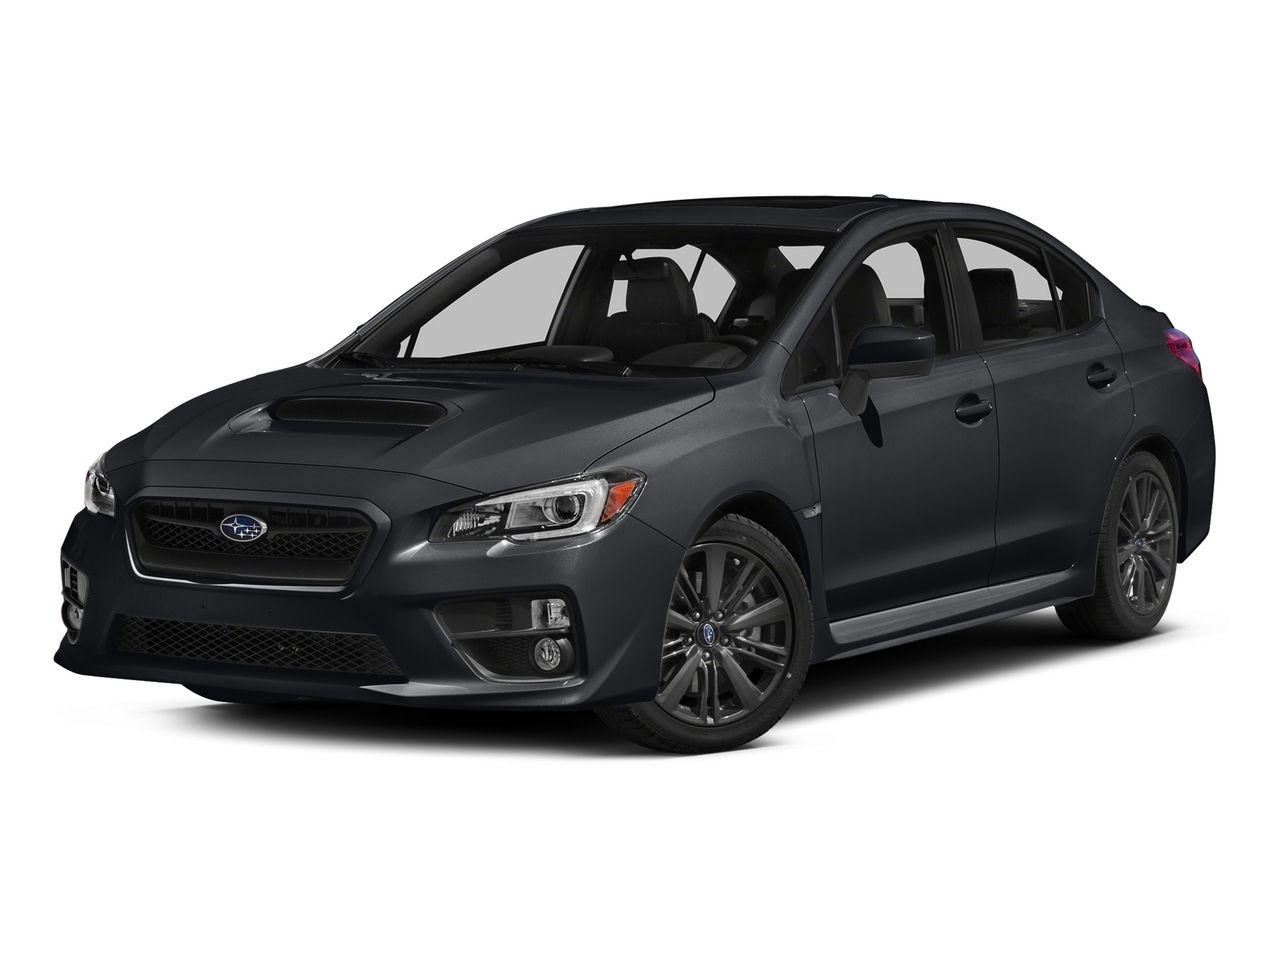 2015 Subaru WRX Image